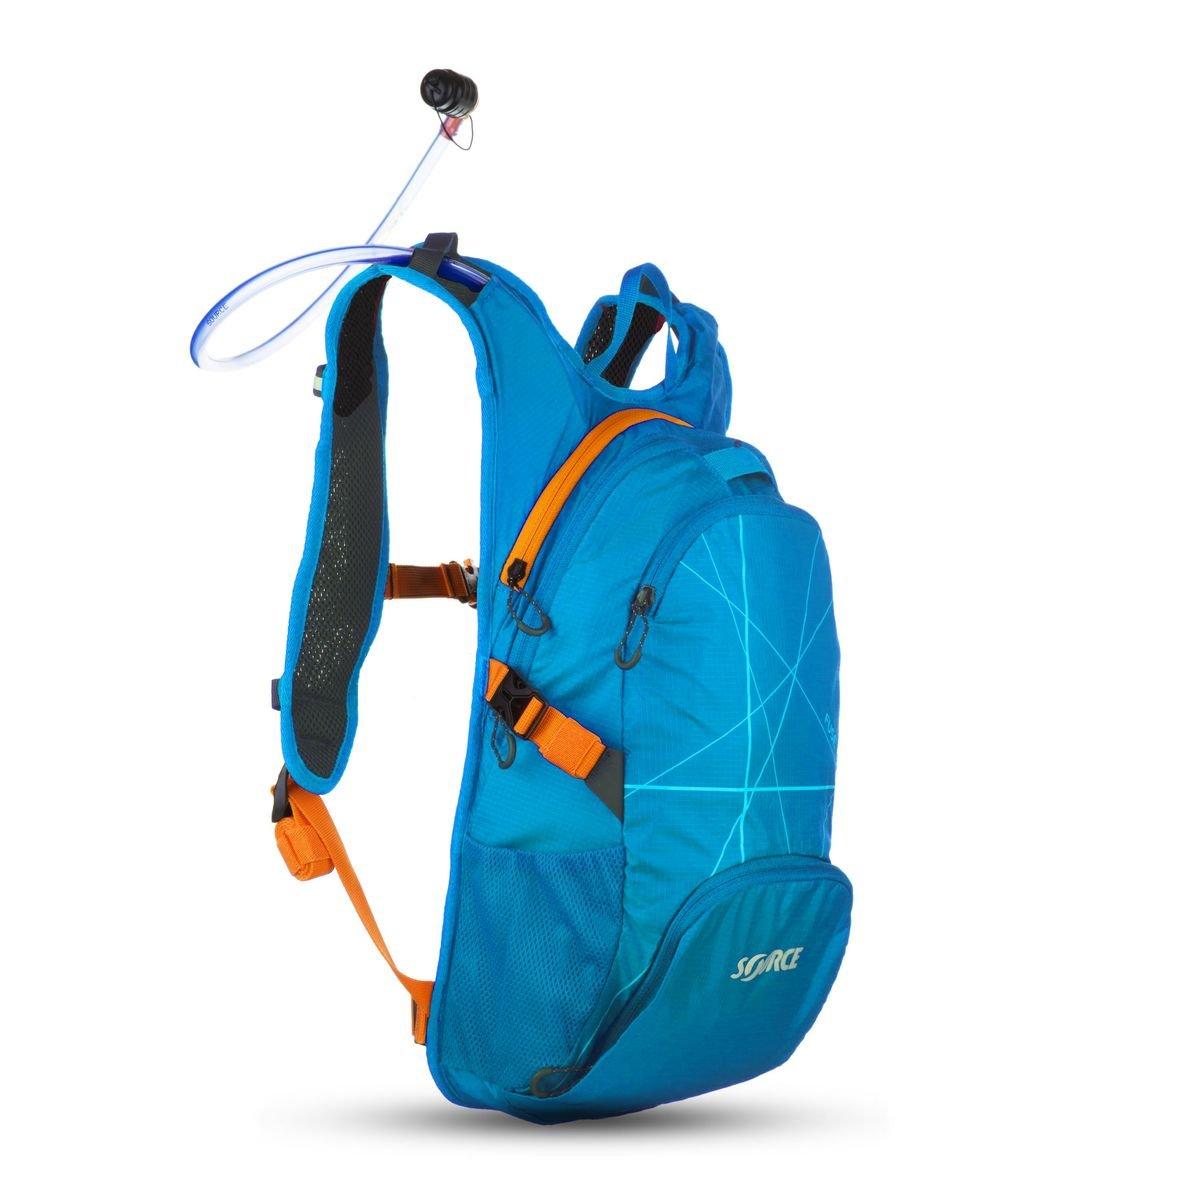 Batoh Source Fuse 8L - světle modrý, 2L vodní vak